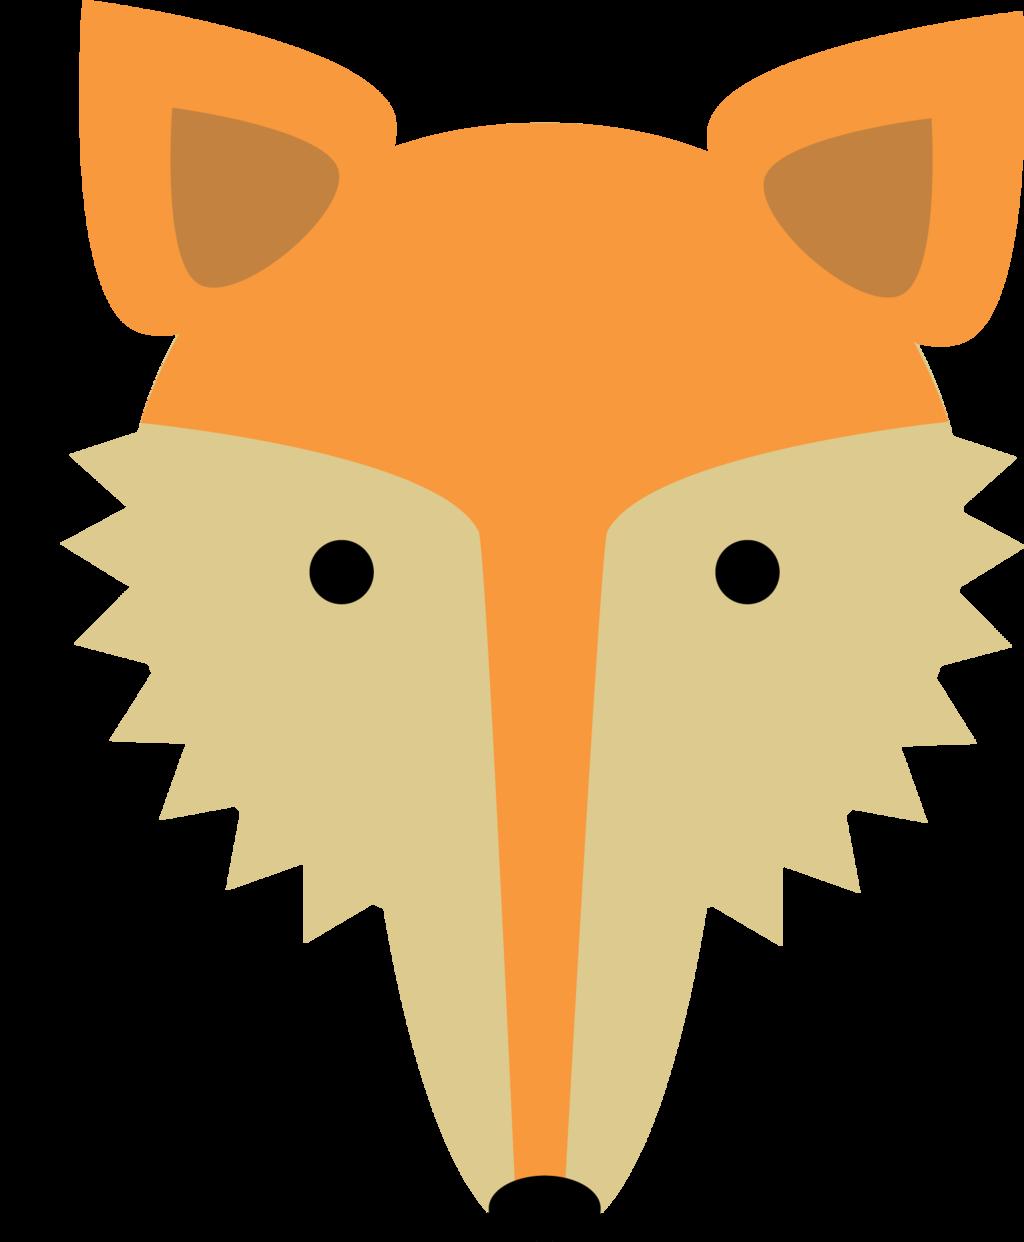 Fox clipart 3 2